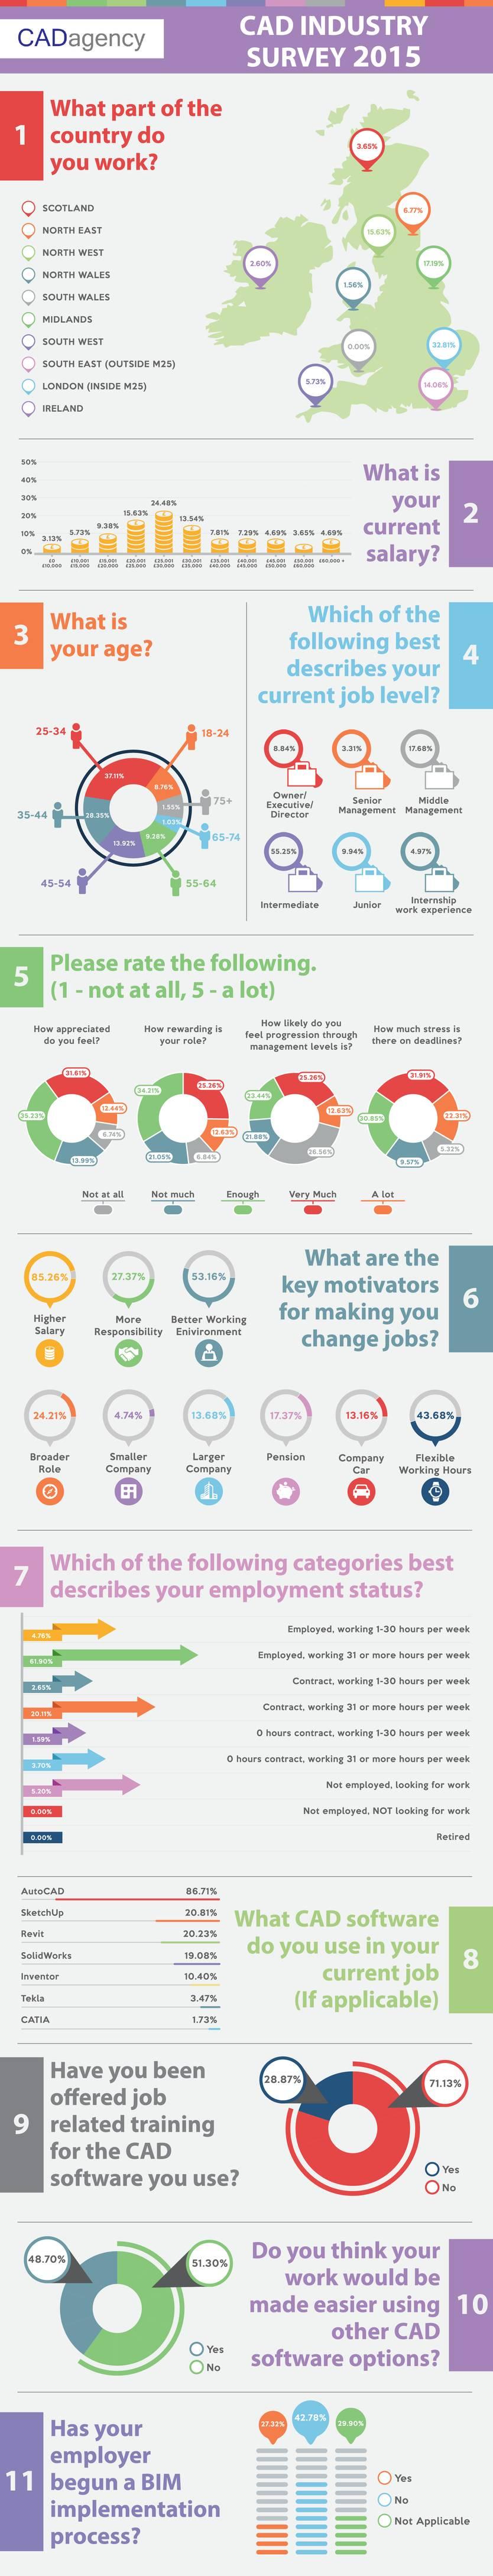 2015 Survey Result